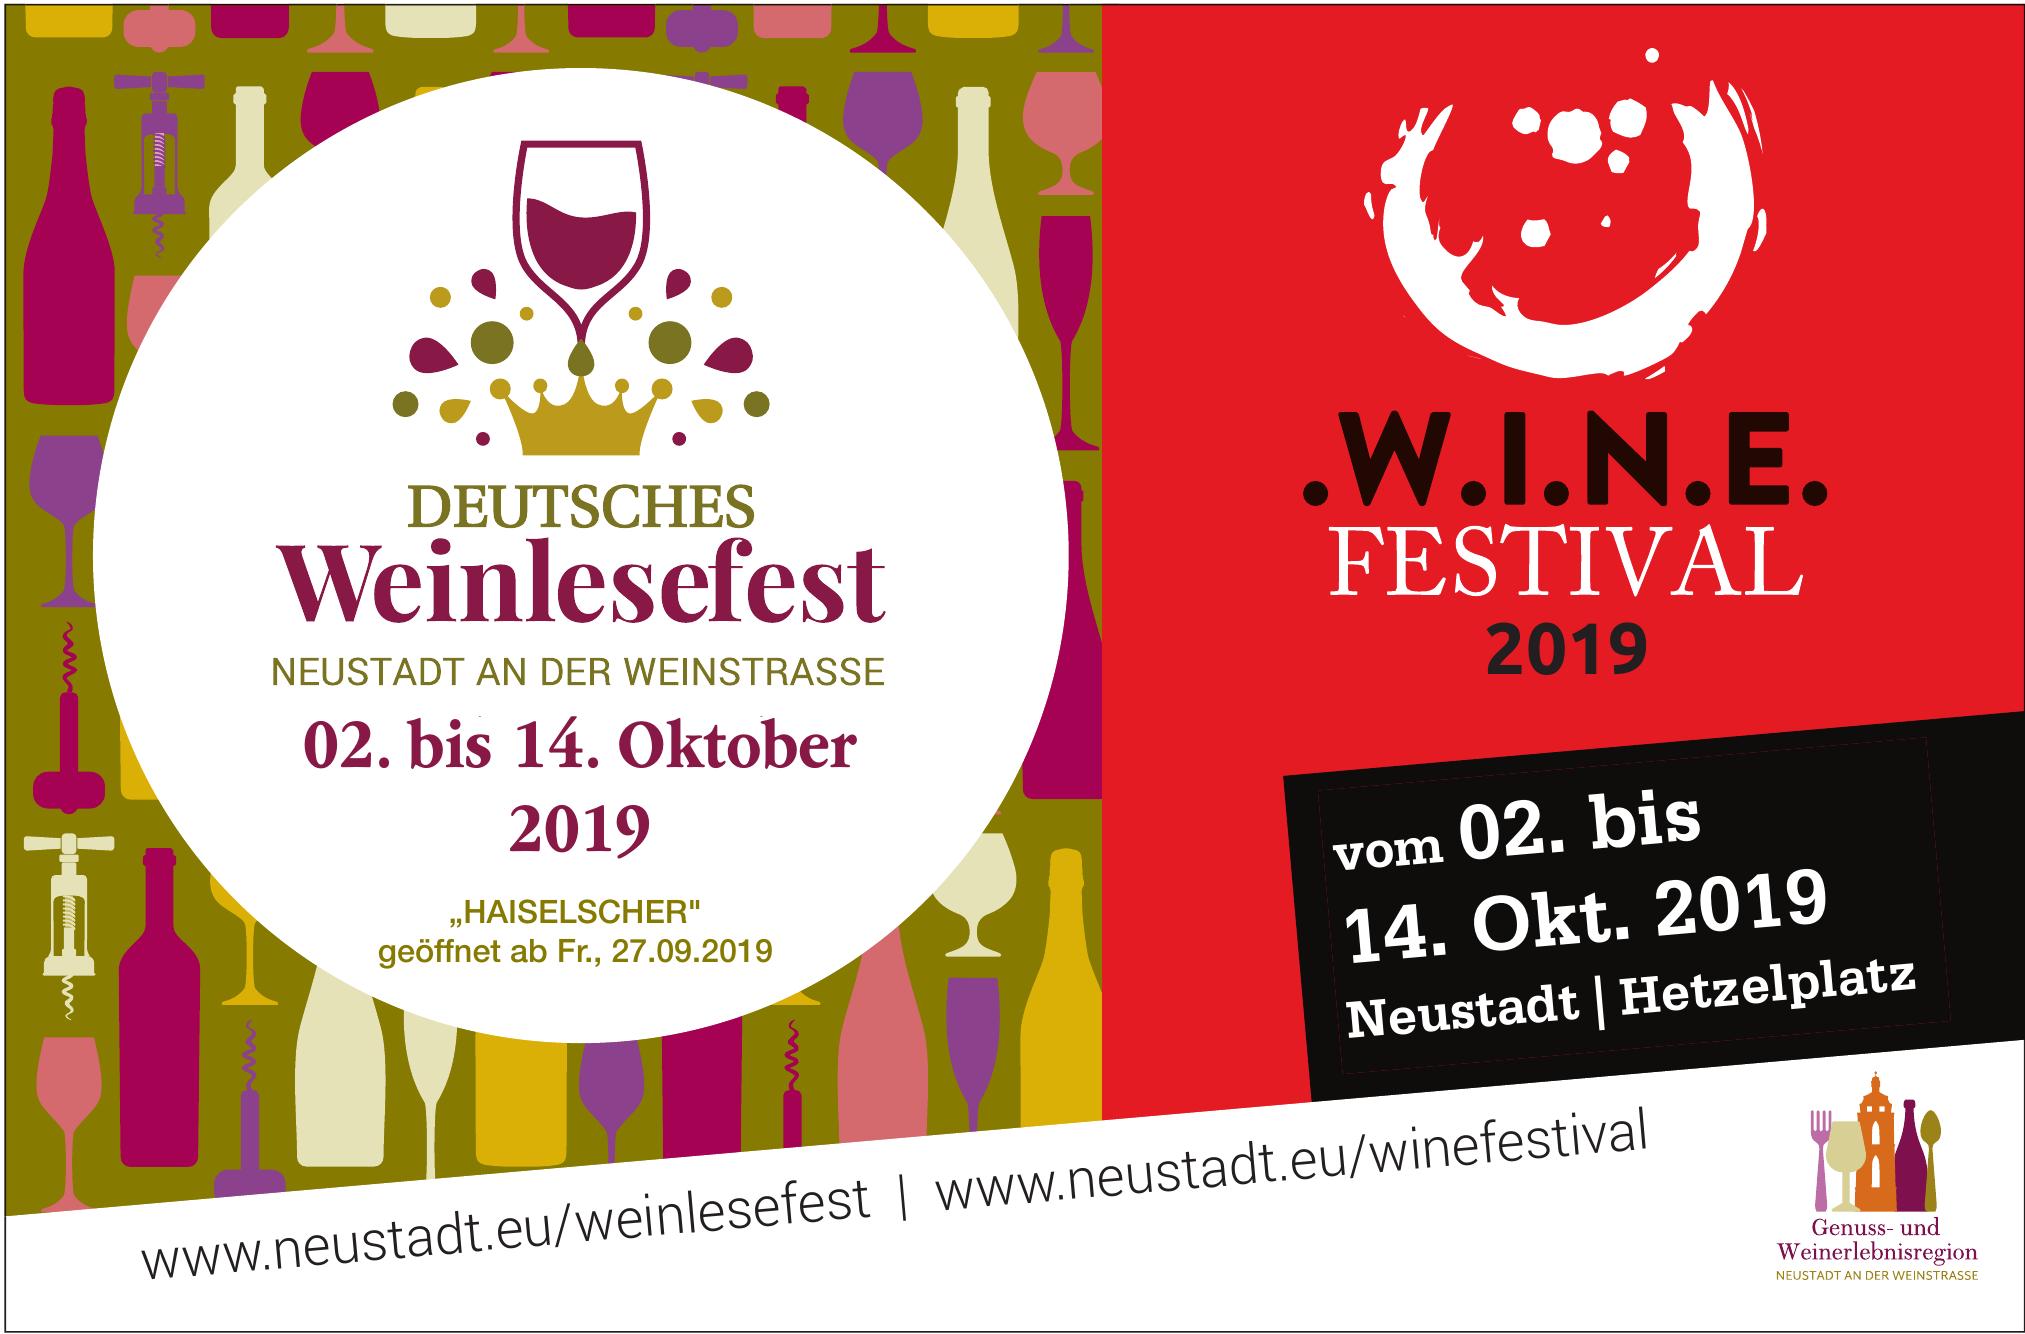 Deutsches Weinlesefest